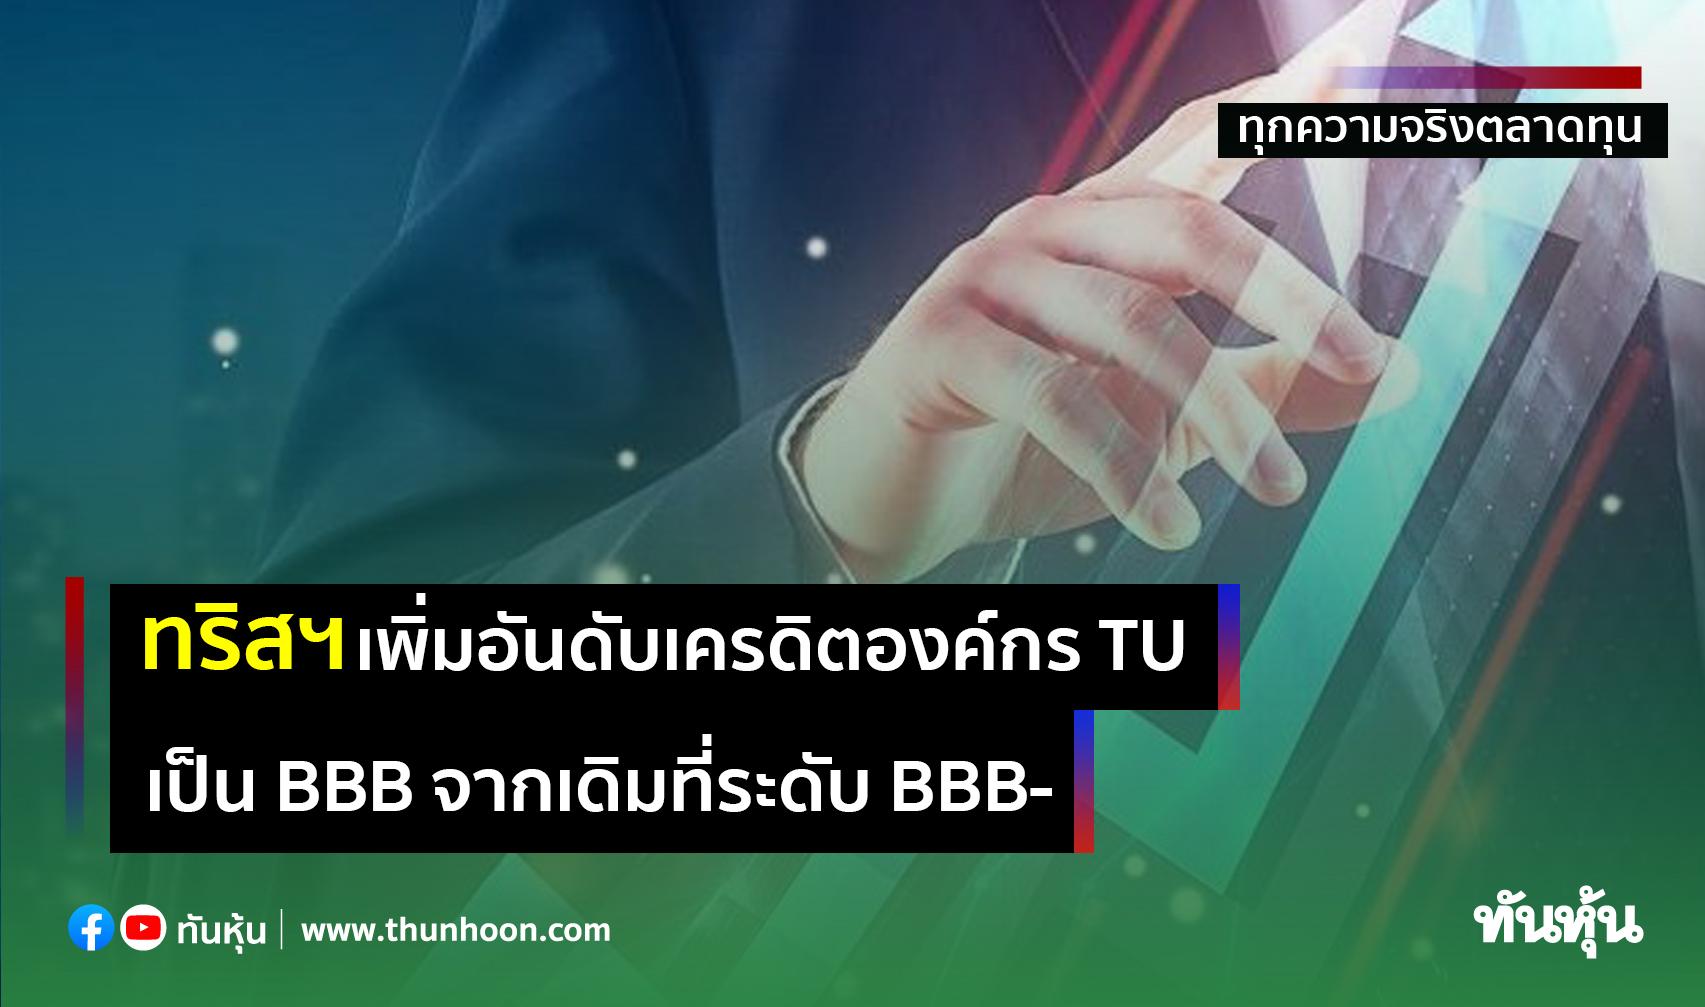 ทริสฯ เพิ่มอันดับเครดิตองค์กร TU  เป็น BBB จากเดิมที่ระดับ BBB-